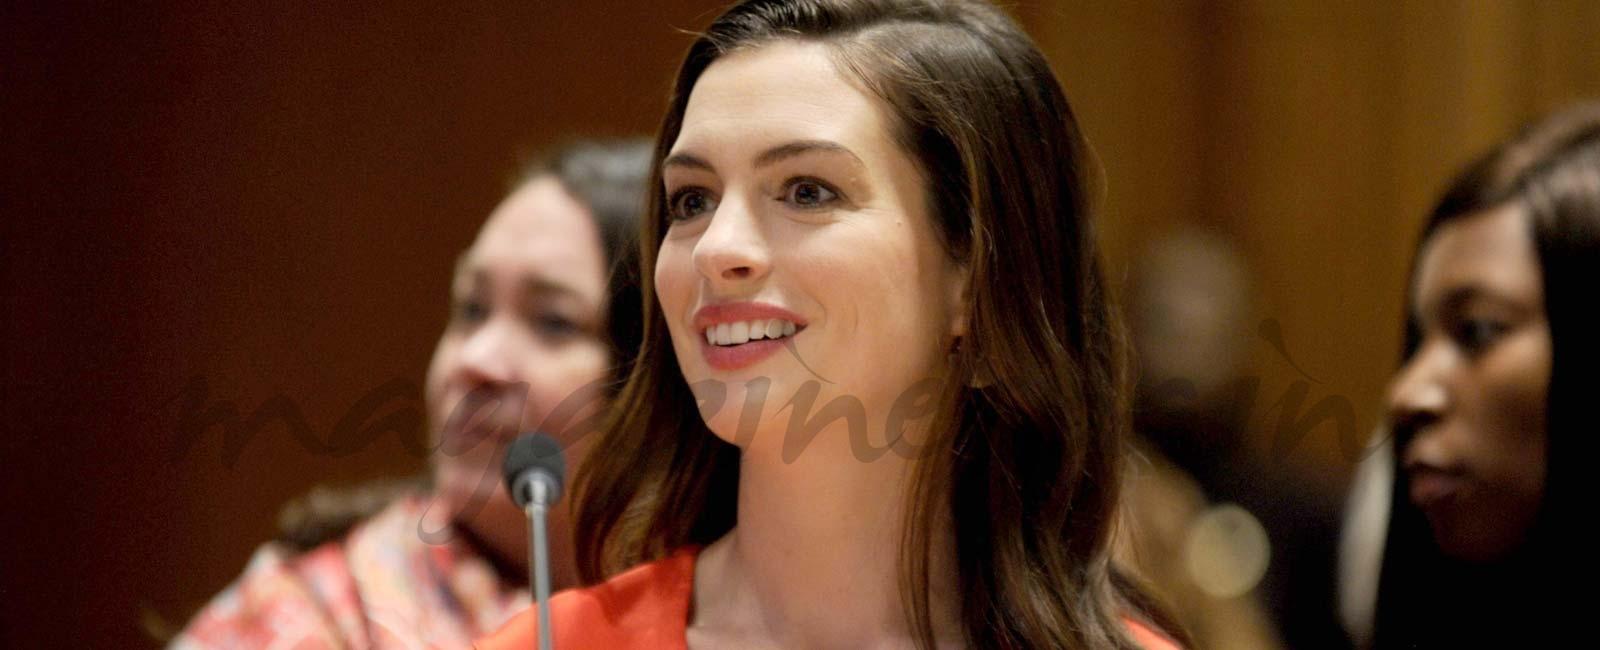 Anne Hathaway defensora del permiso postnatal